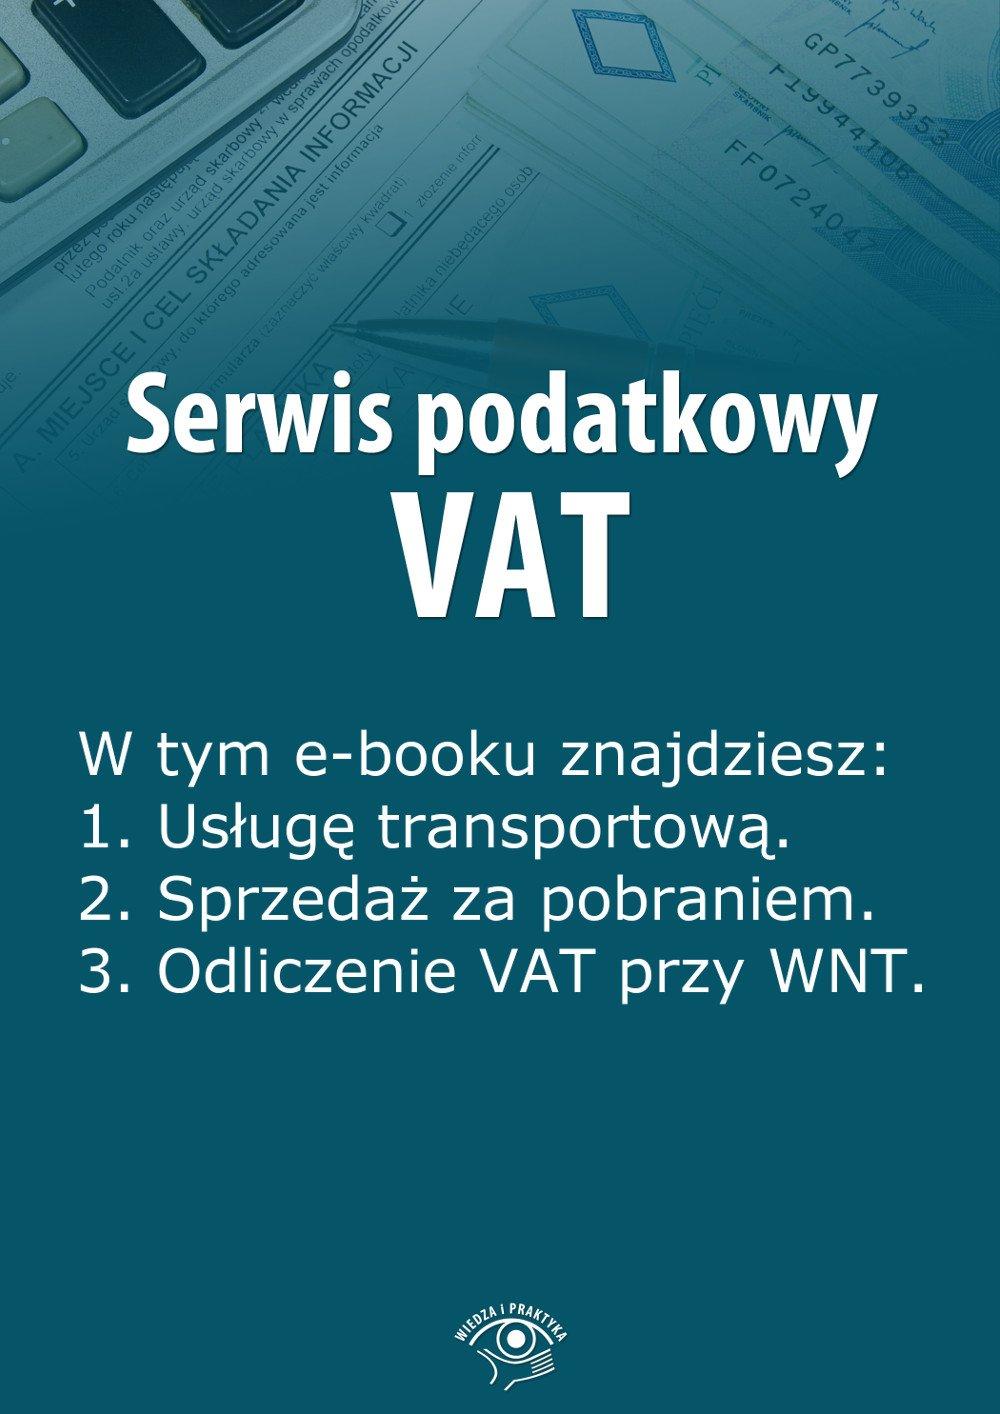 Serwis podatkowy VAT. Wydanie kwiecień 2014 r. - Ebook (Książka EPUB) do pobrania w formacie EPUB